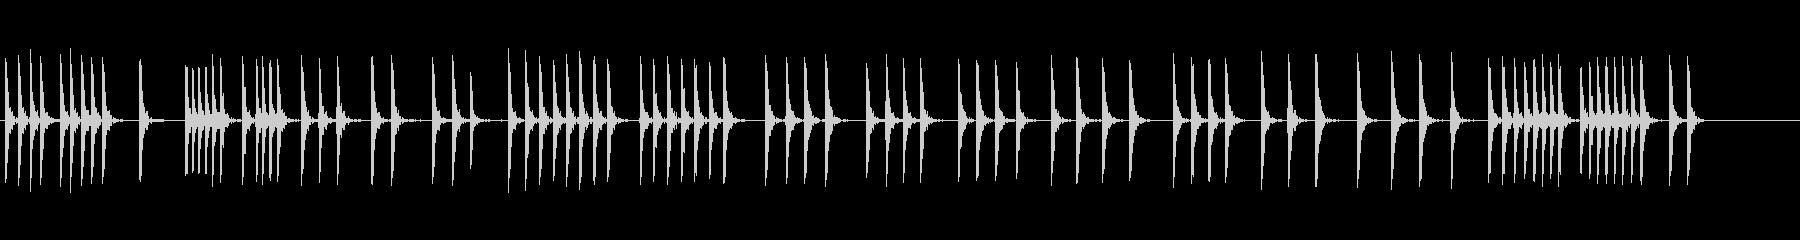 木の板のハンマー1の未再生の波形